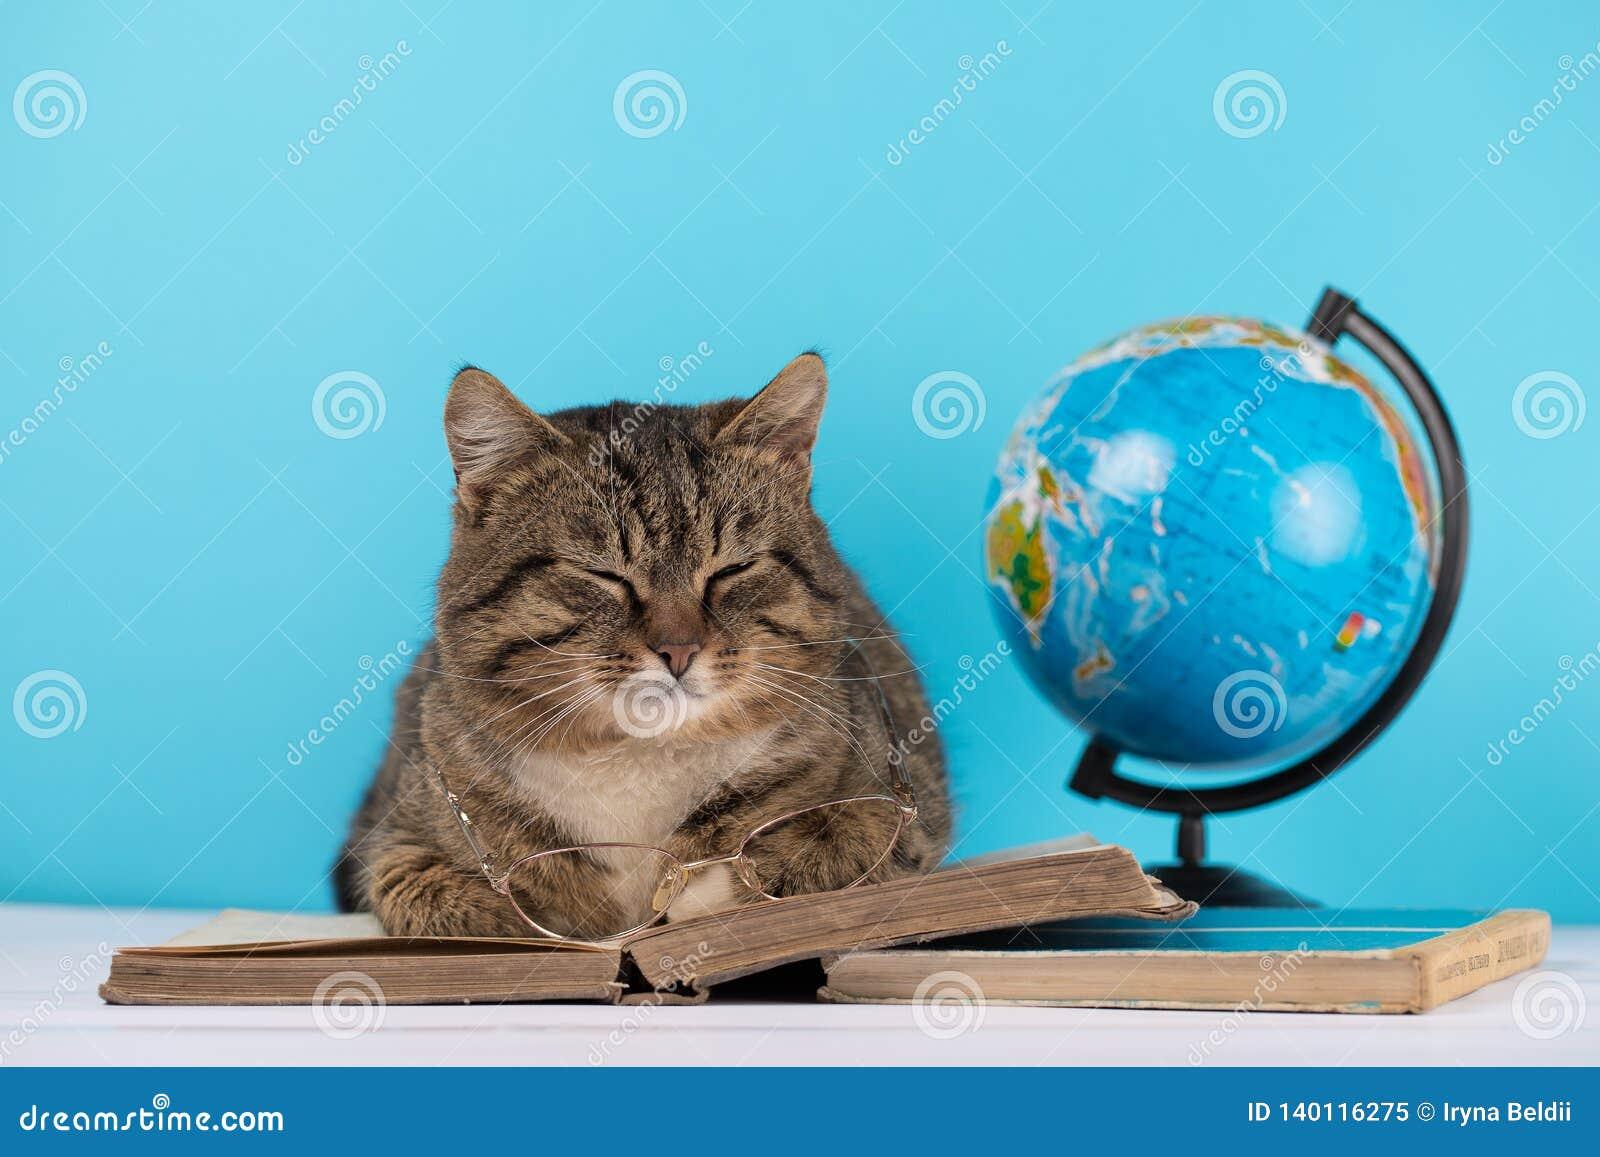 Η γάτα βρίσκεται στο διαβασμένο βιβλίο βιβλίο η γάτα στη βιβλιοθήκη